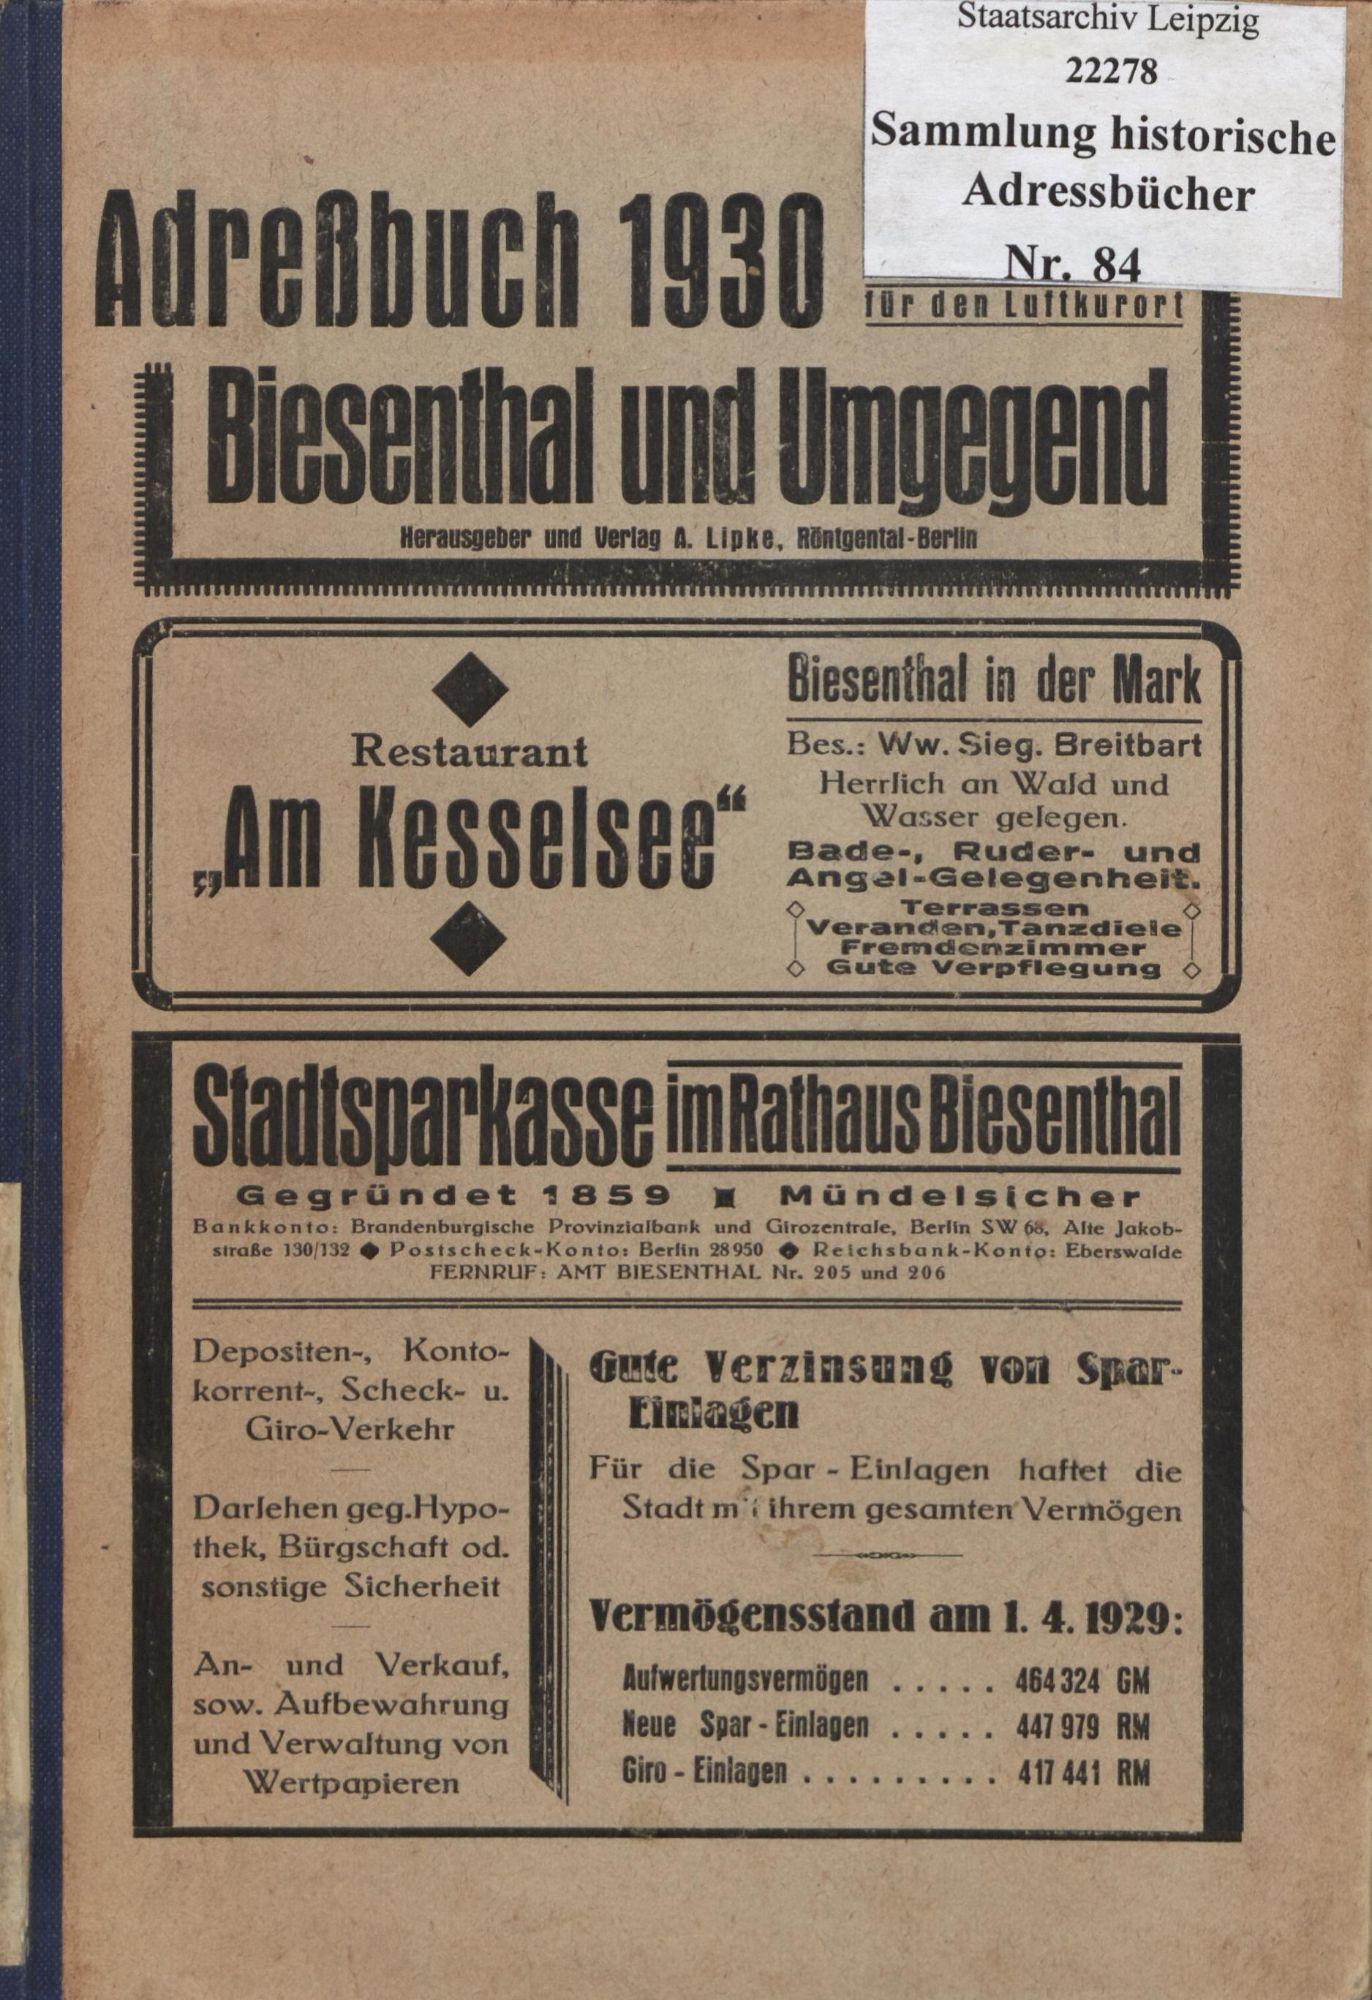 Adreßbuch 1930 für den Luftkurort Biesenthal und Umgebung